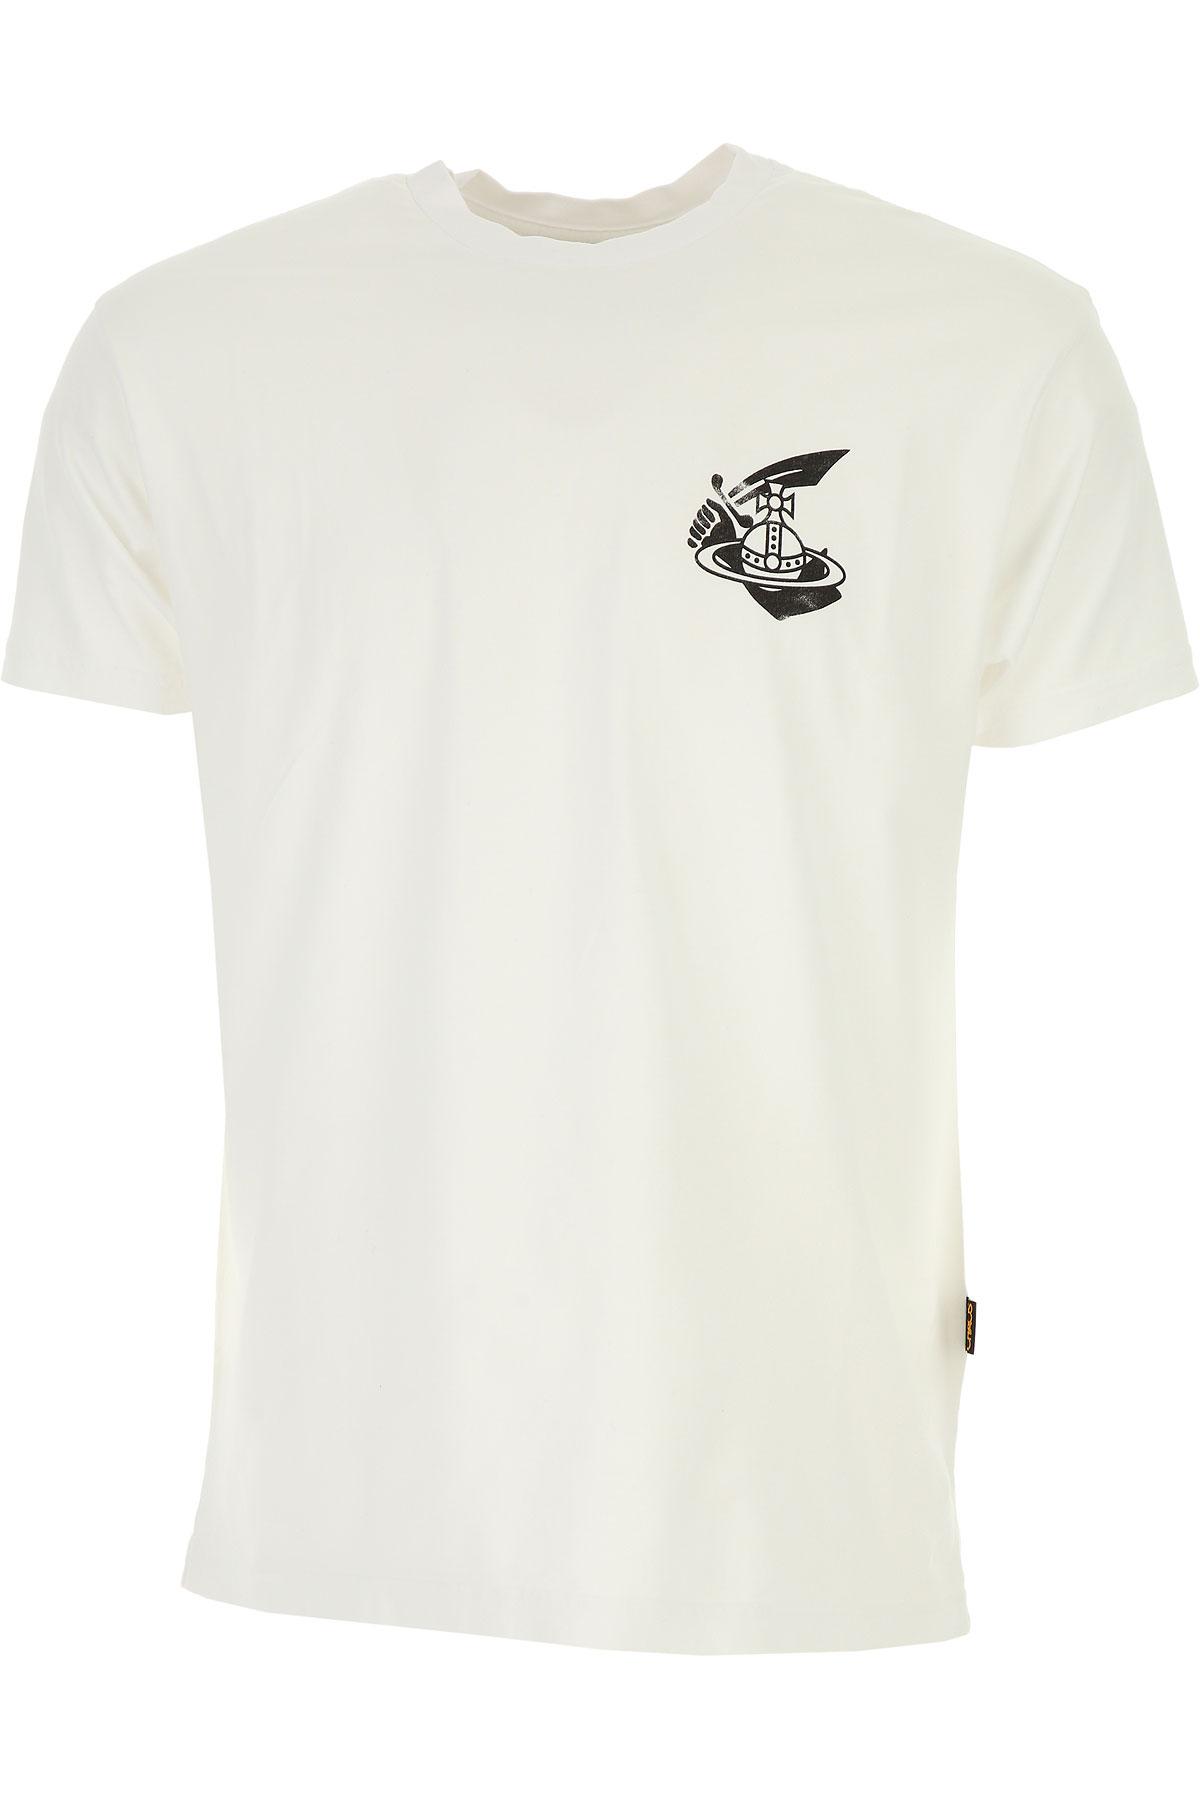 Vivienne Westwood T-shirt Homme Pas Cher En Soldes, Anglomania, Blanc, Coton, 2019, L XXL